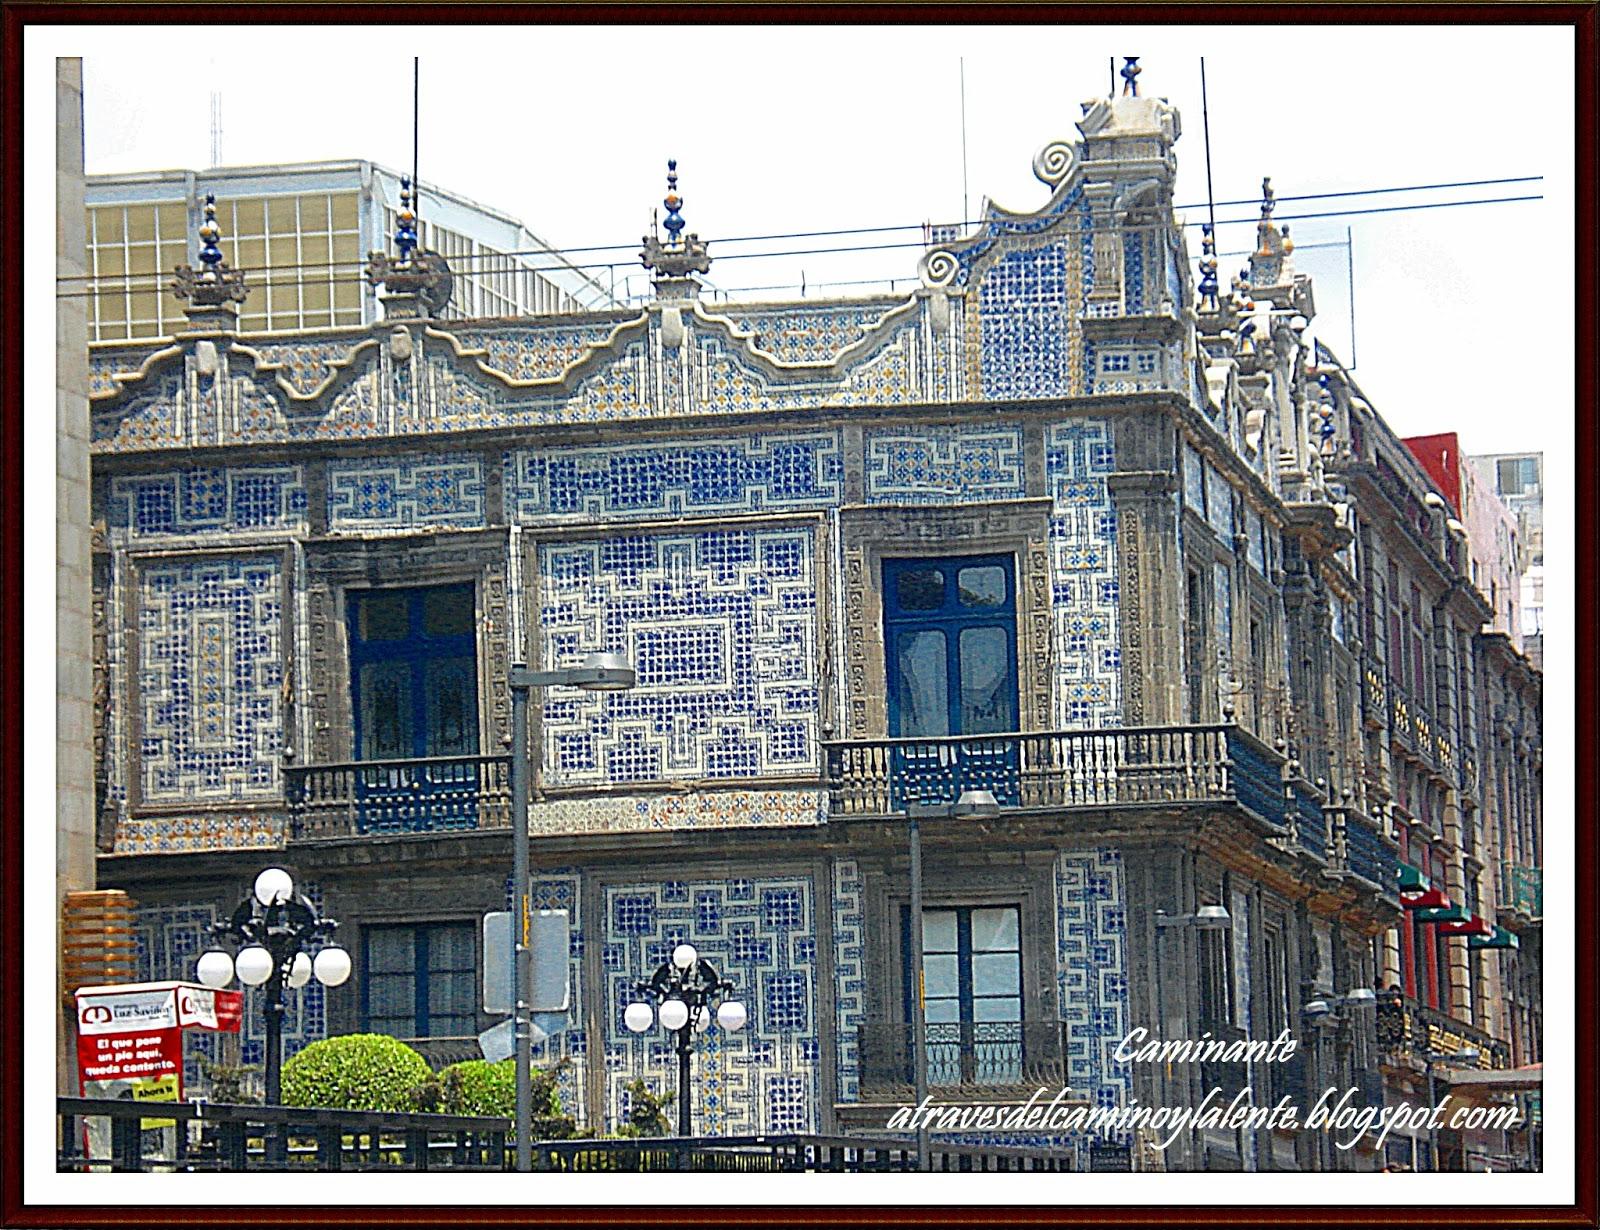 A trav s del camino y la lente enero 2013 for Casa de los azulejos ciudad de mexico